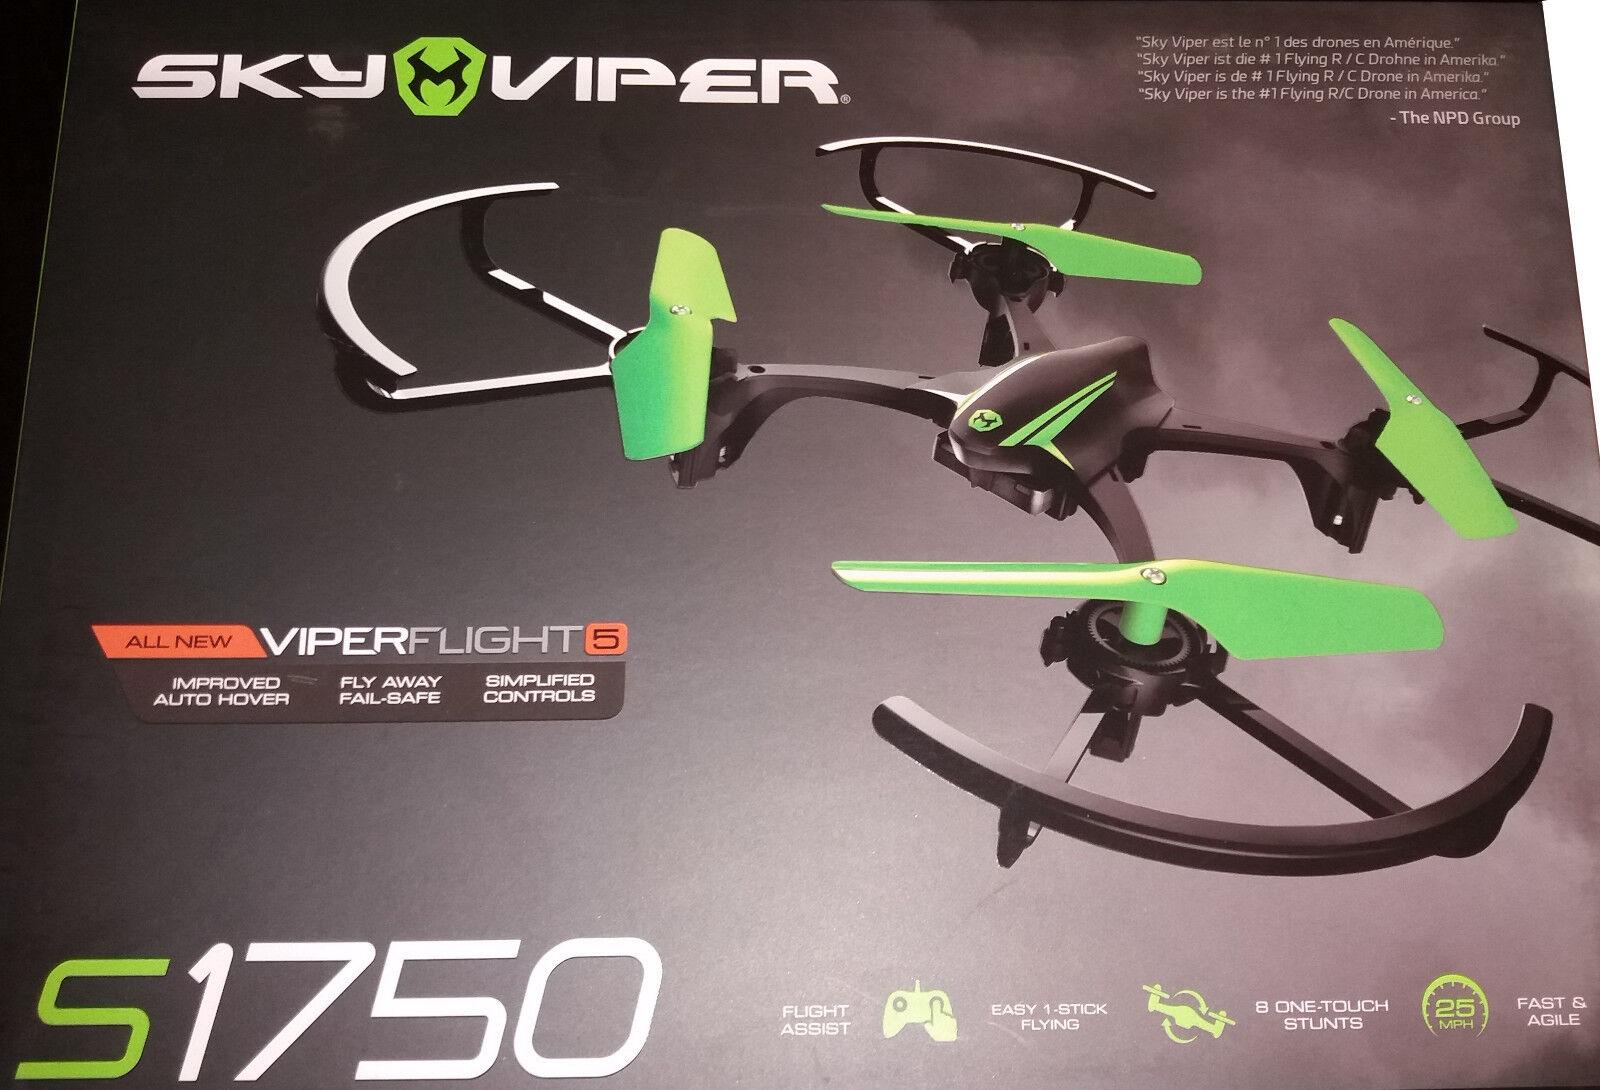 Goliath RC Sky Viper Quadrocopter Stunt Drone S 1750 1750 1750 90289 30d5b0